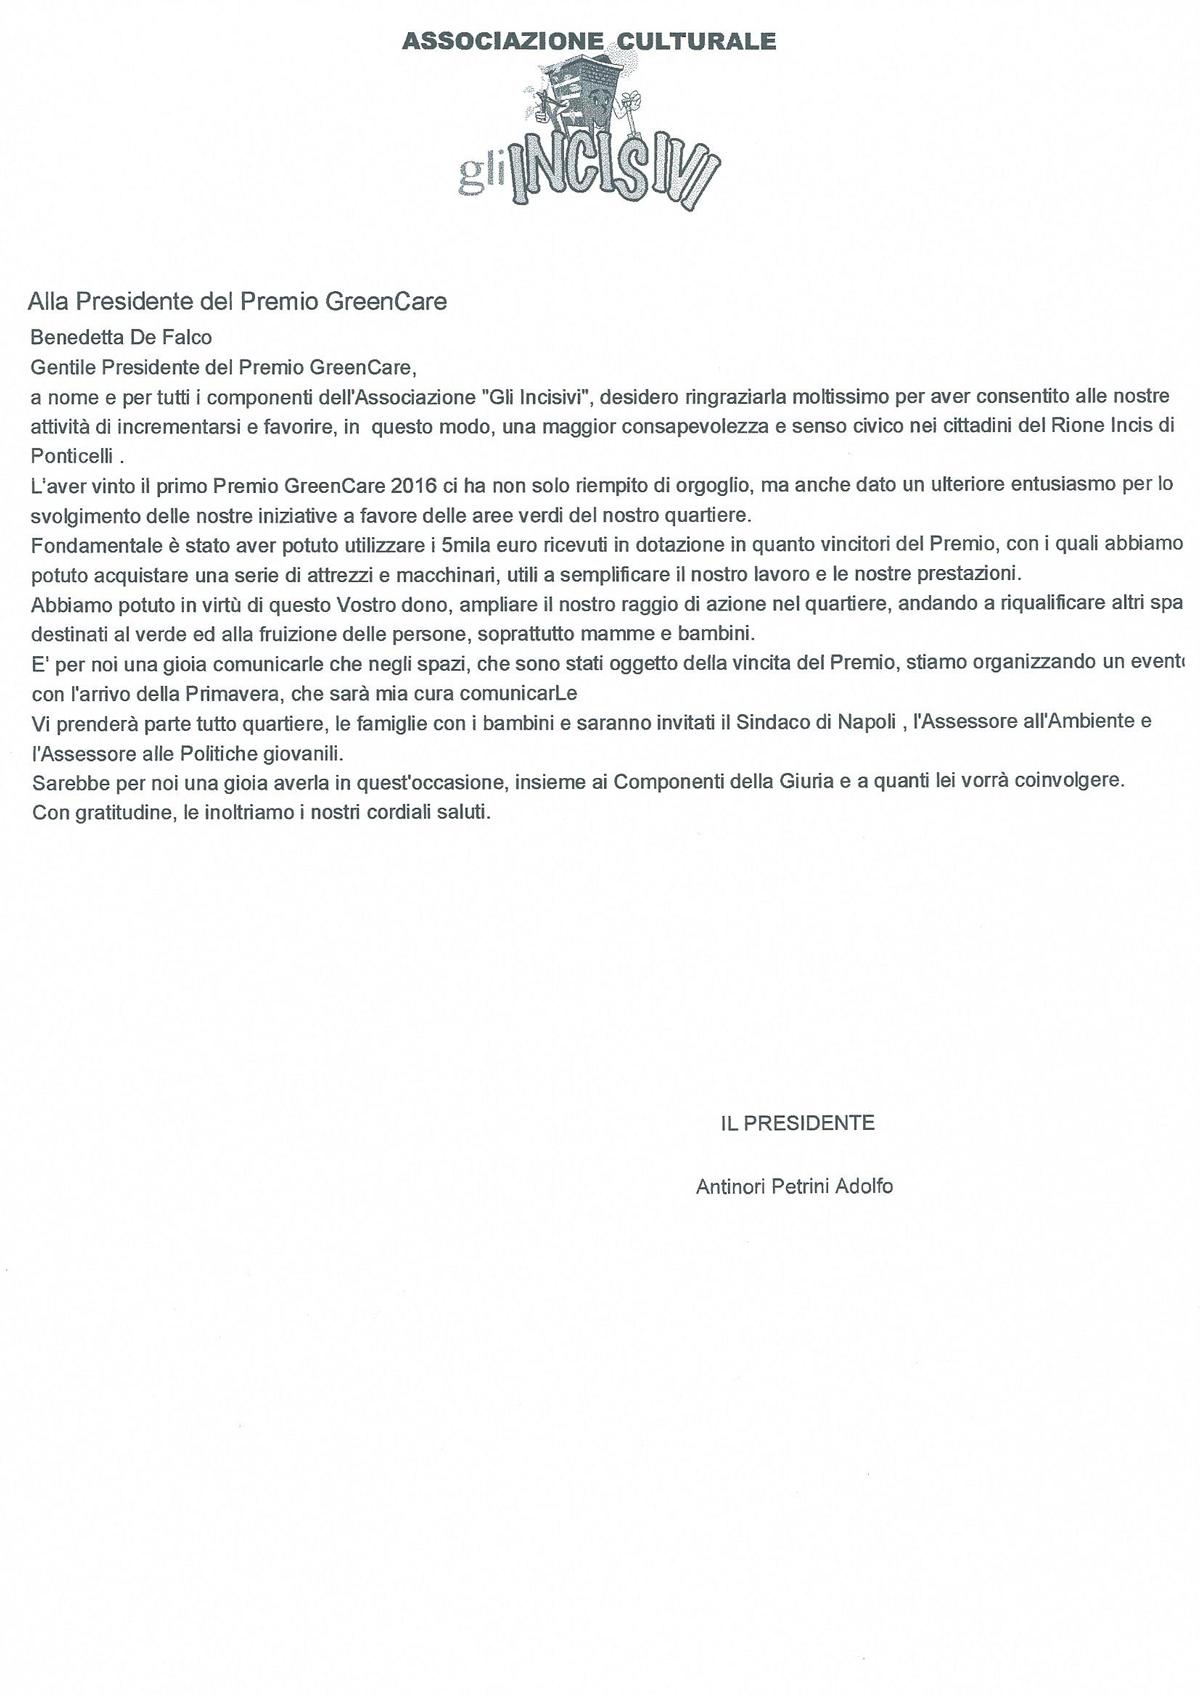 Incisivi lettera premiato GreenCare